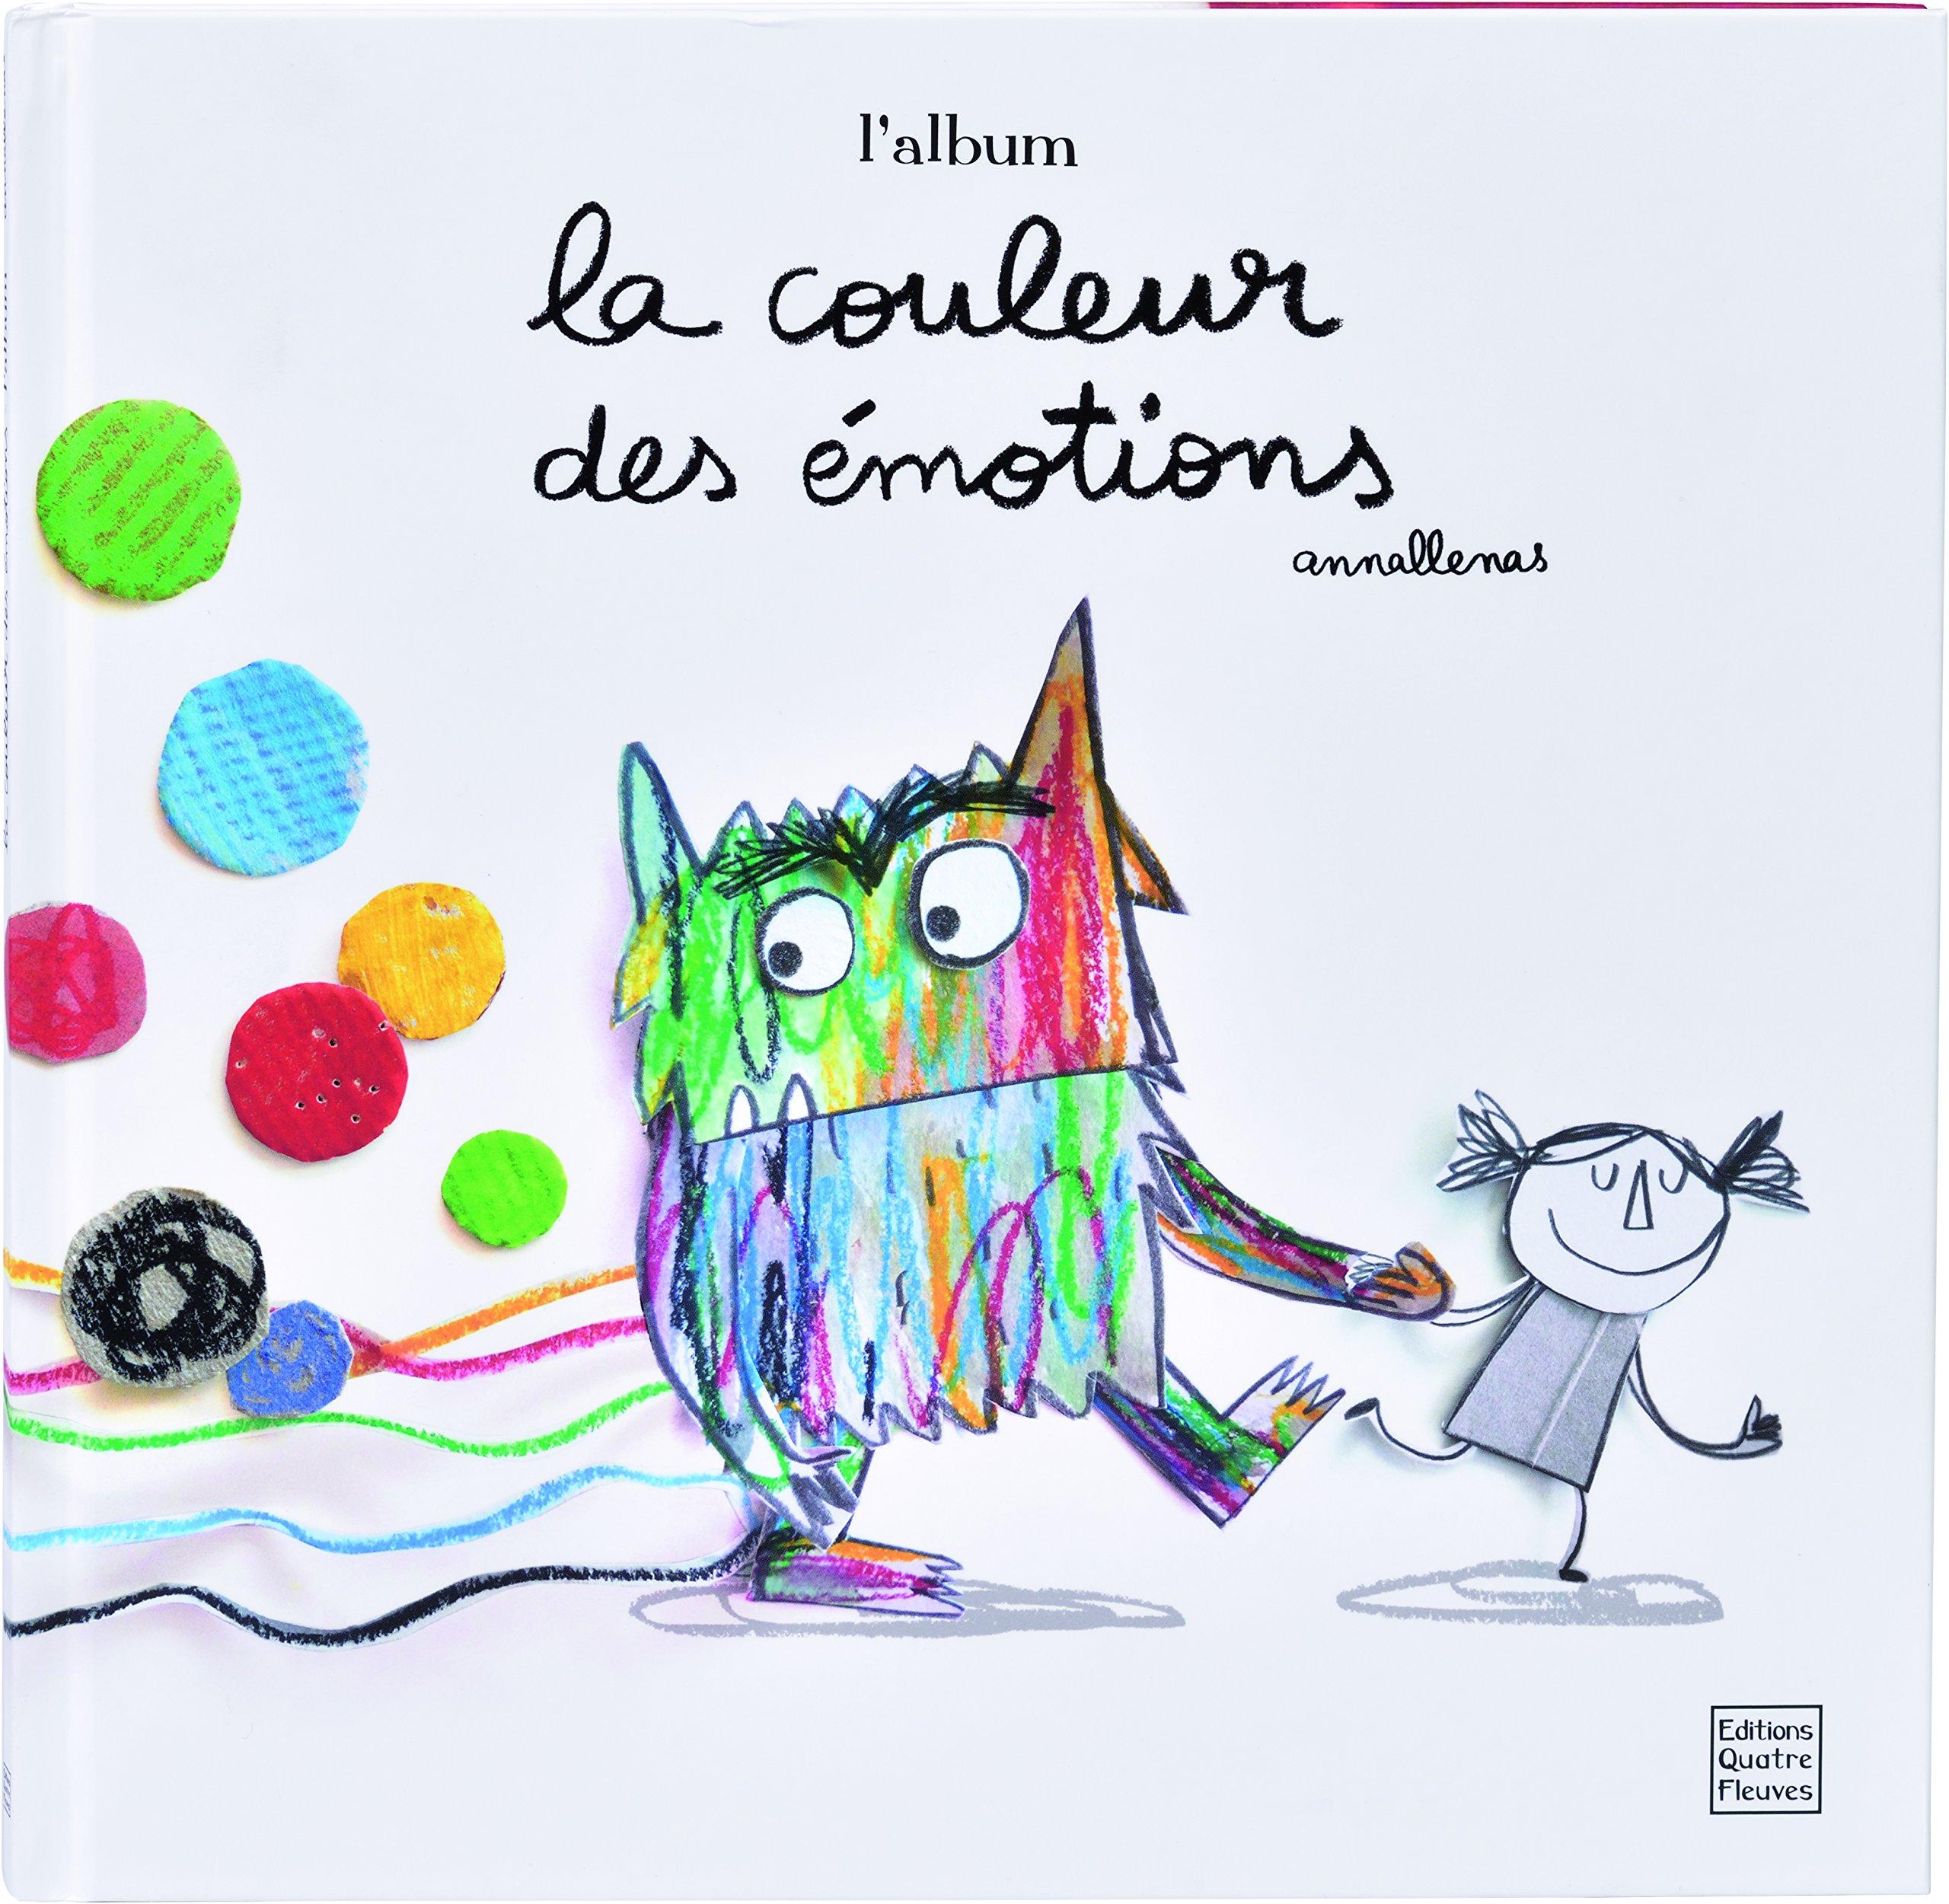 La couleur des émotions: Amazon.co.uk: Anna Llenas, Marie